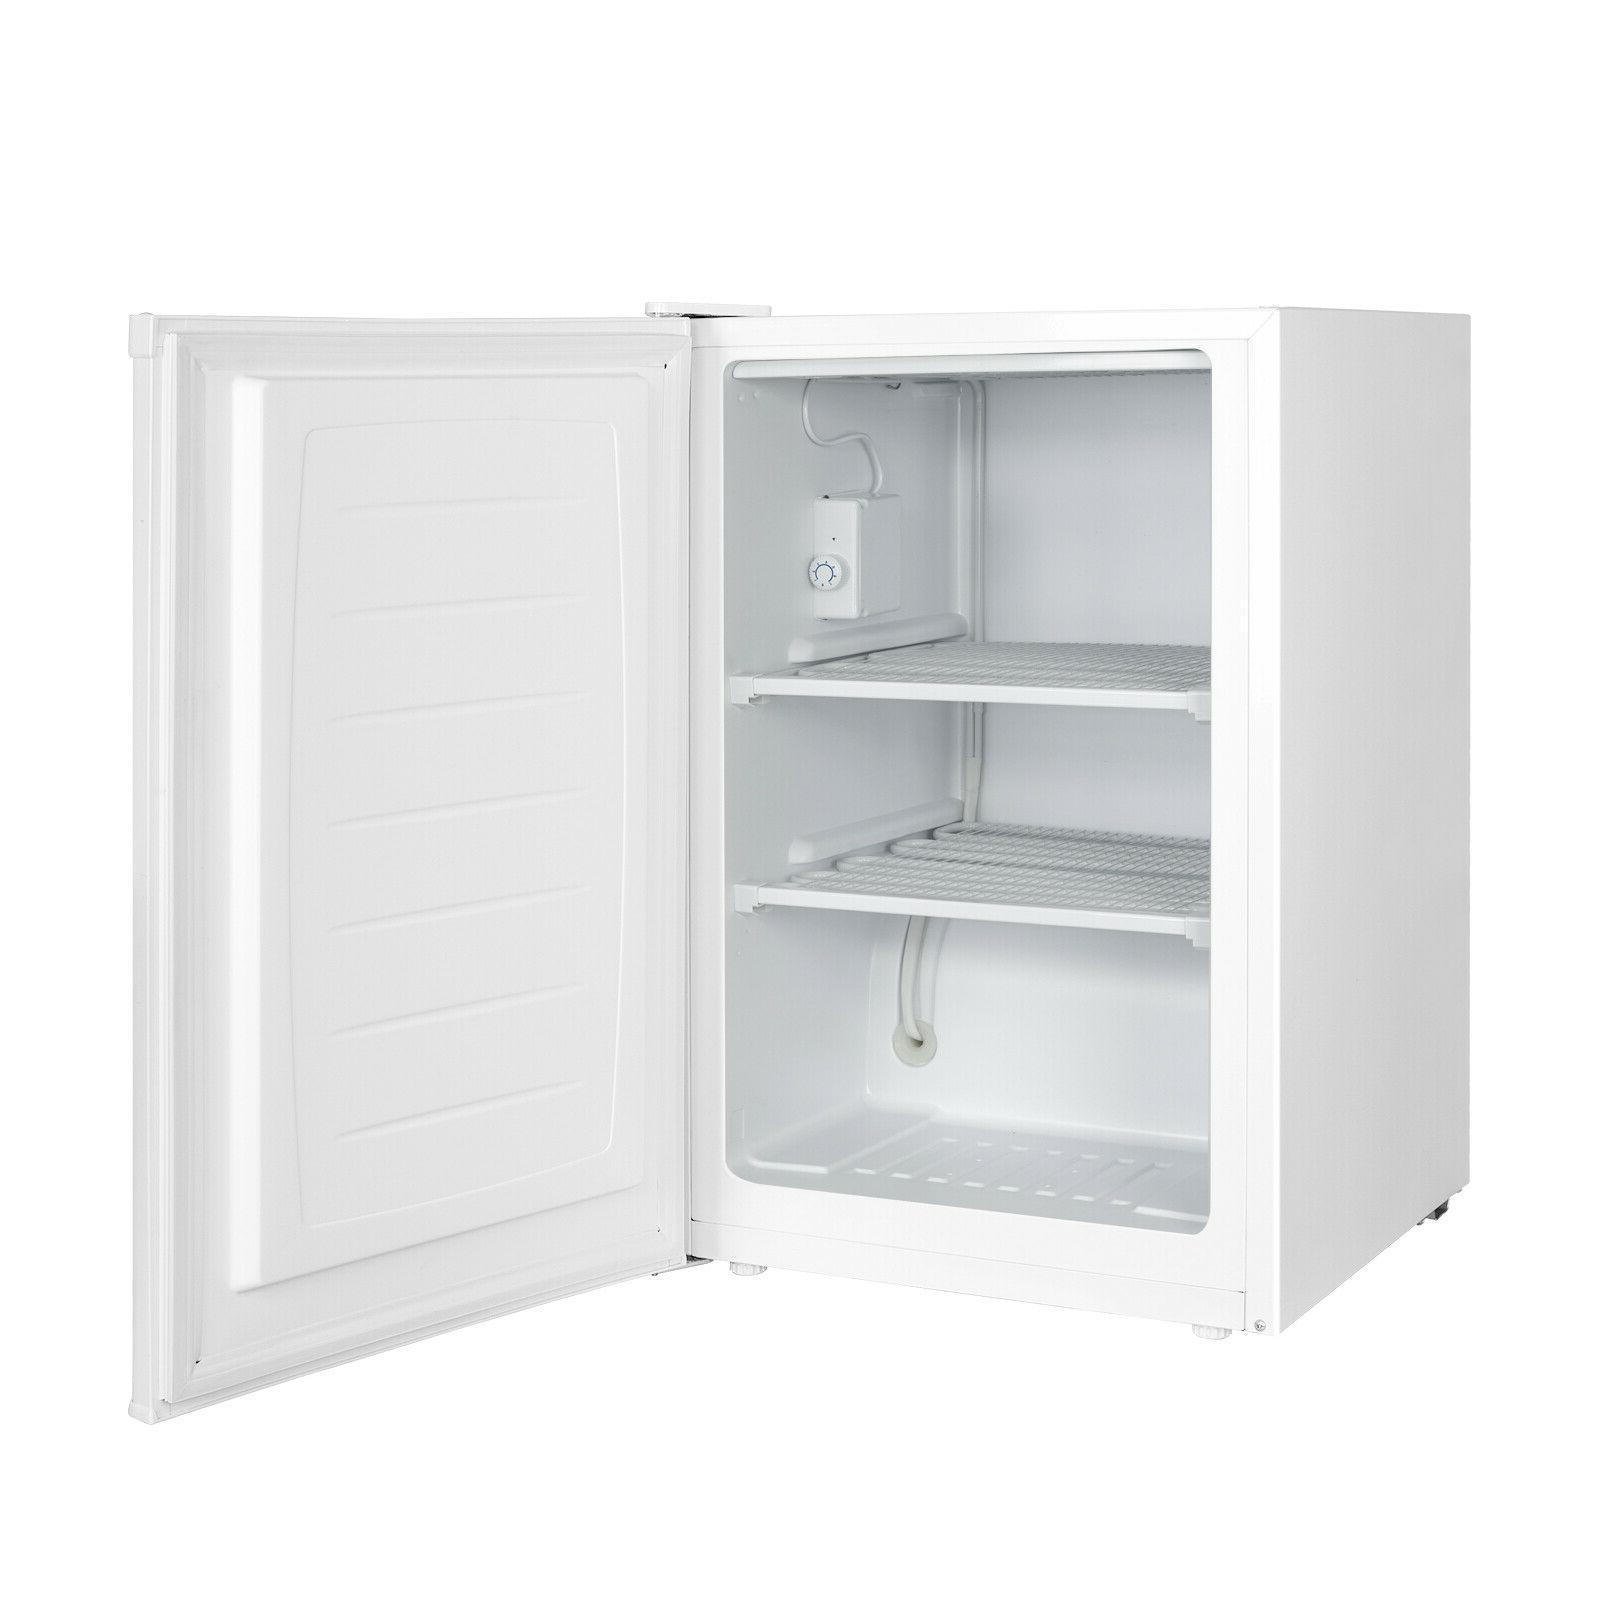 Upright Freezer CU Frozen Food Storage Ice Door